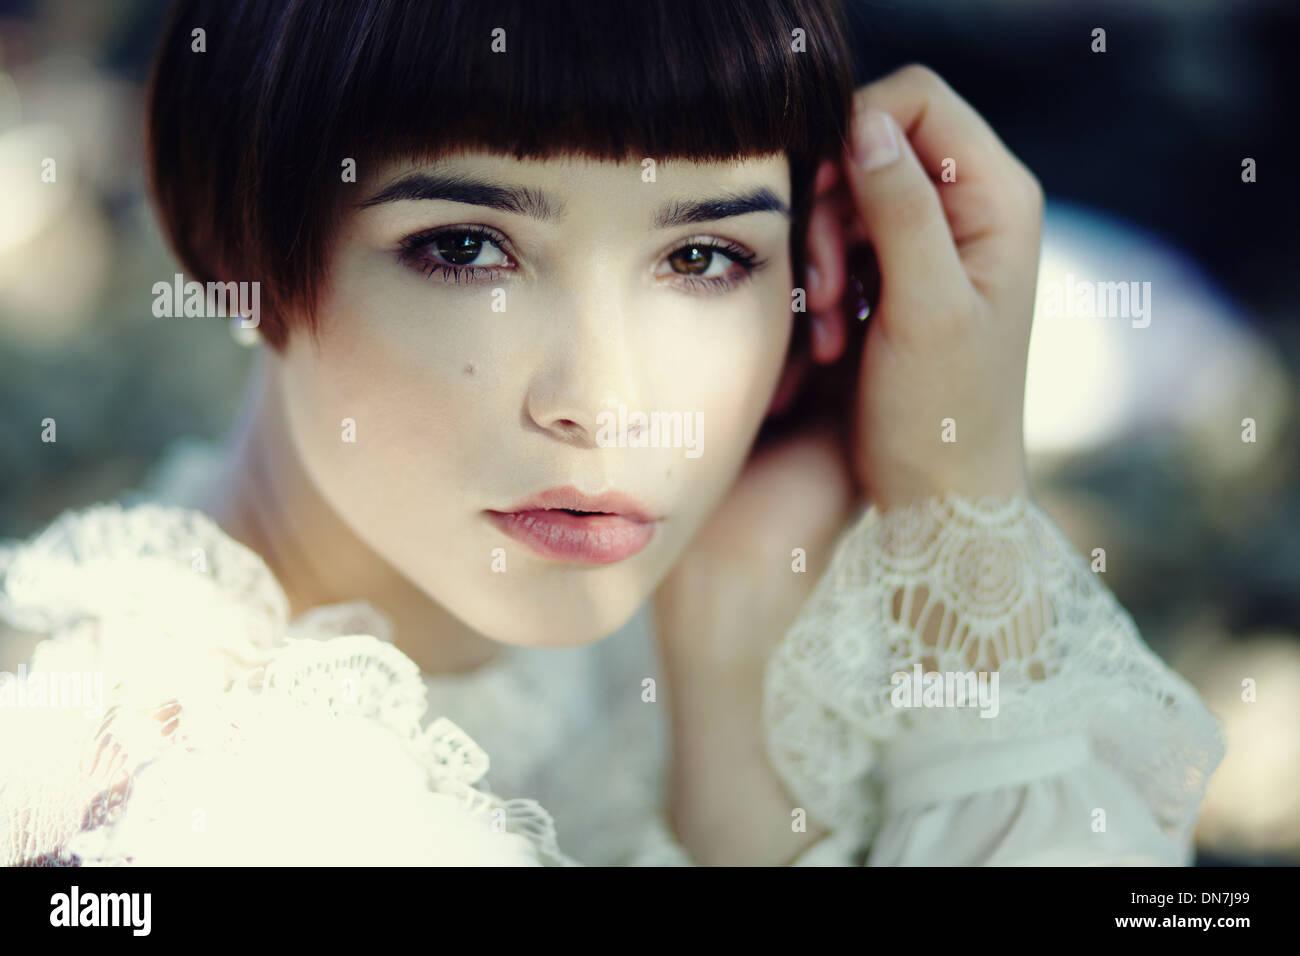 Porträt einer jungen Frau, Blick in die Kamera Stockbild